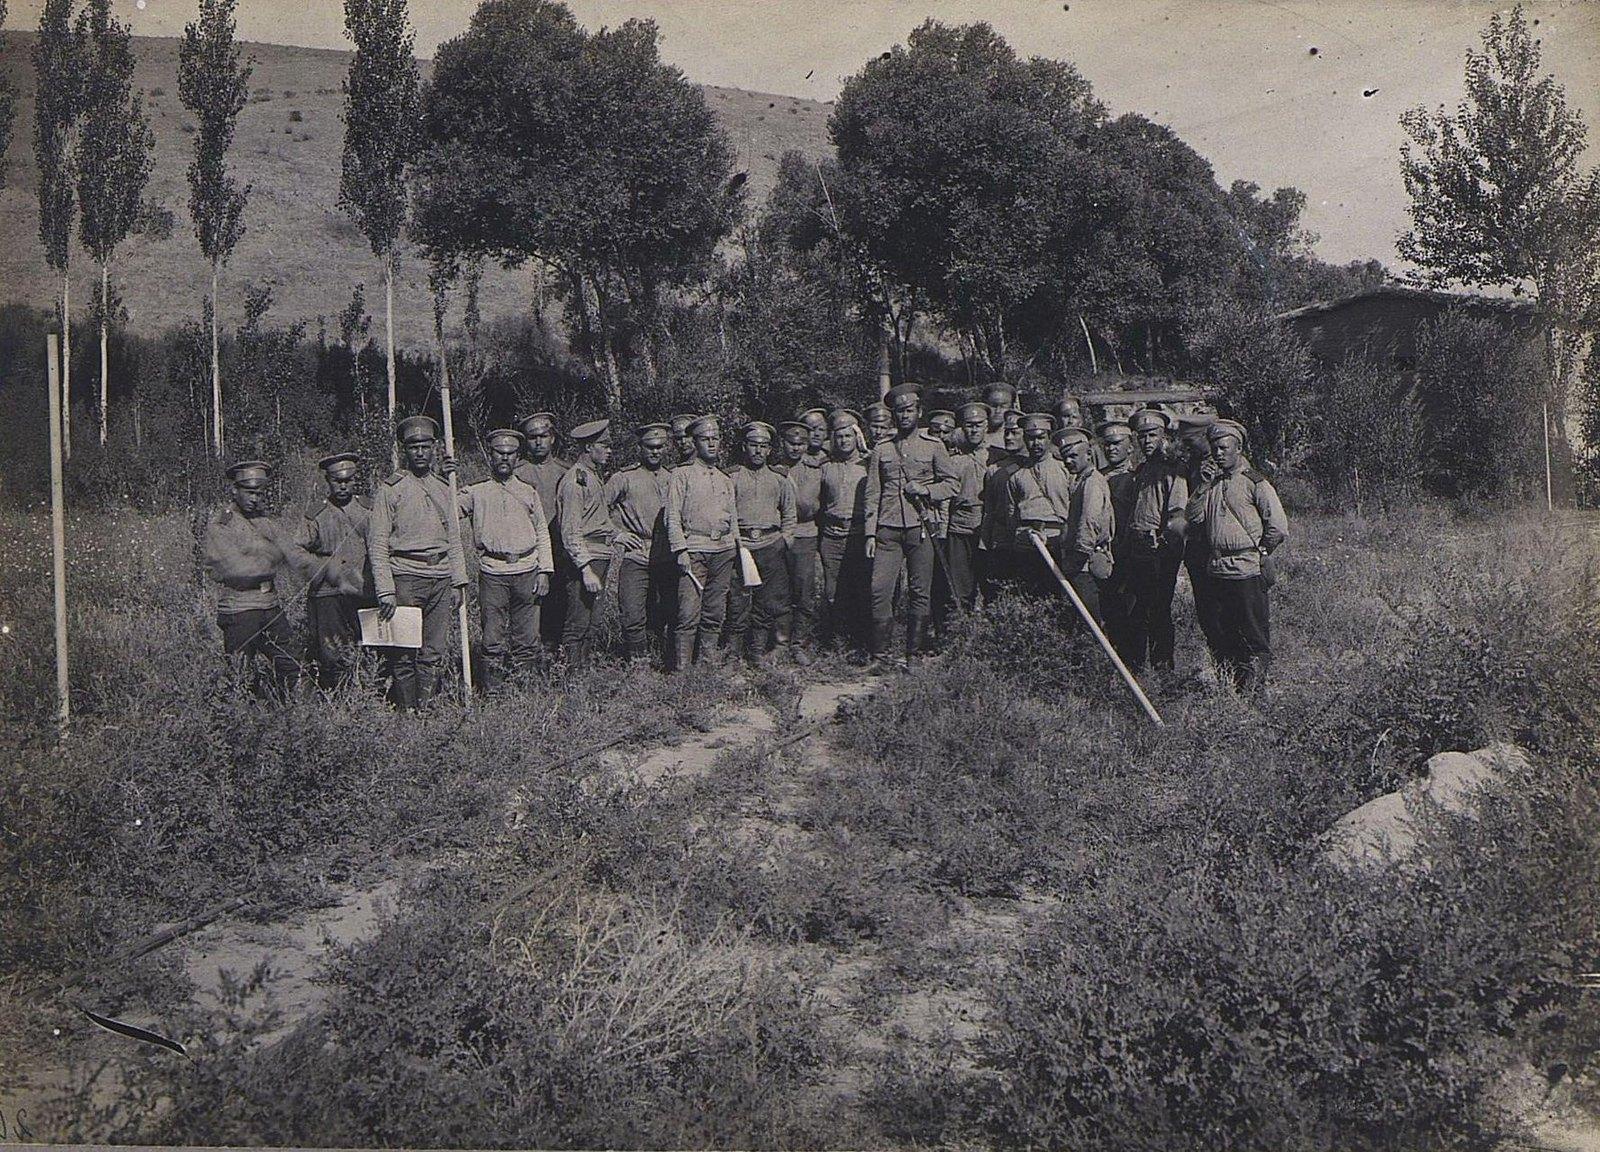 43. Группа военных на фоне деревьев